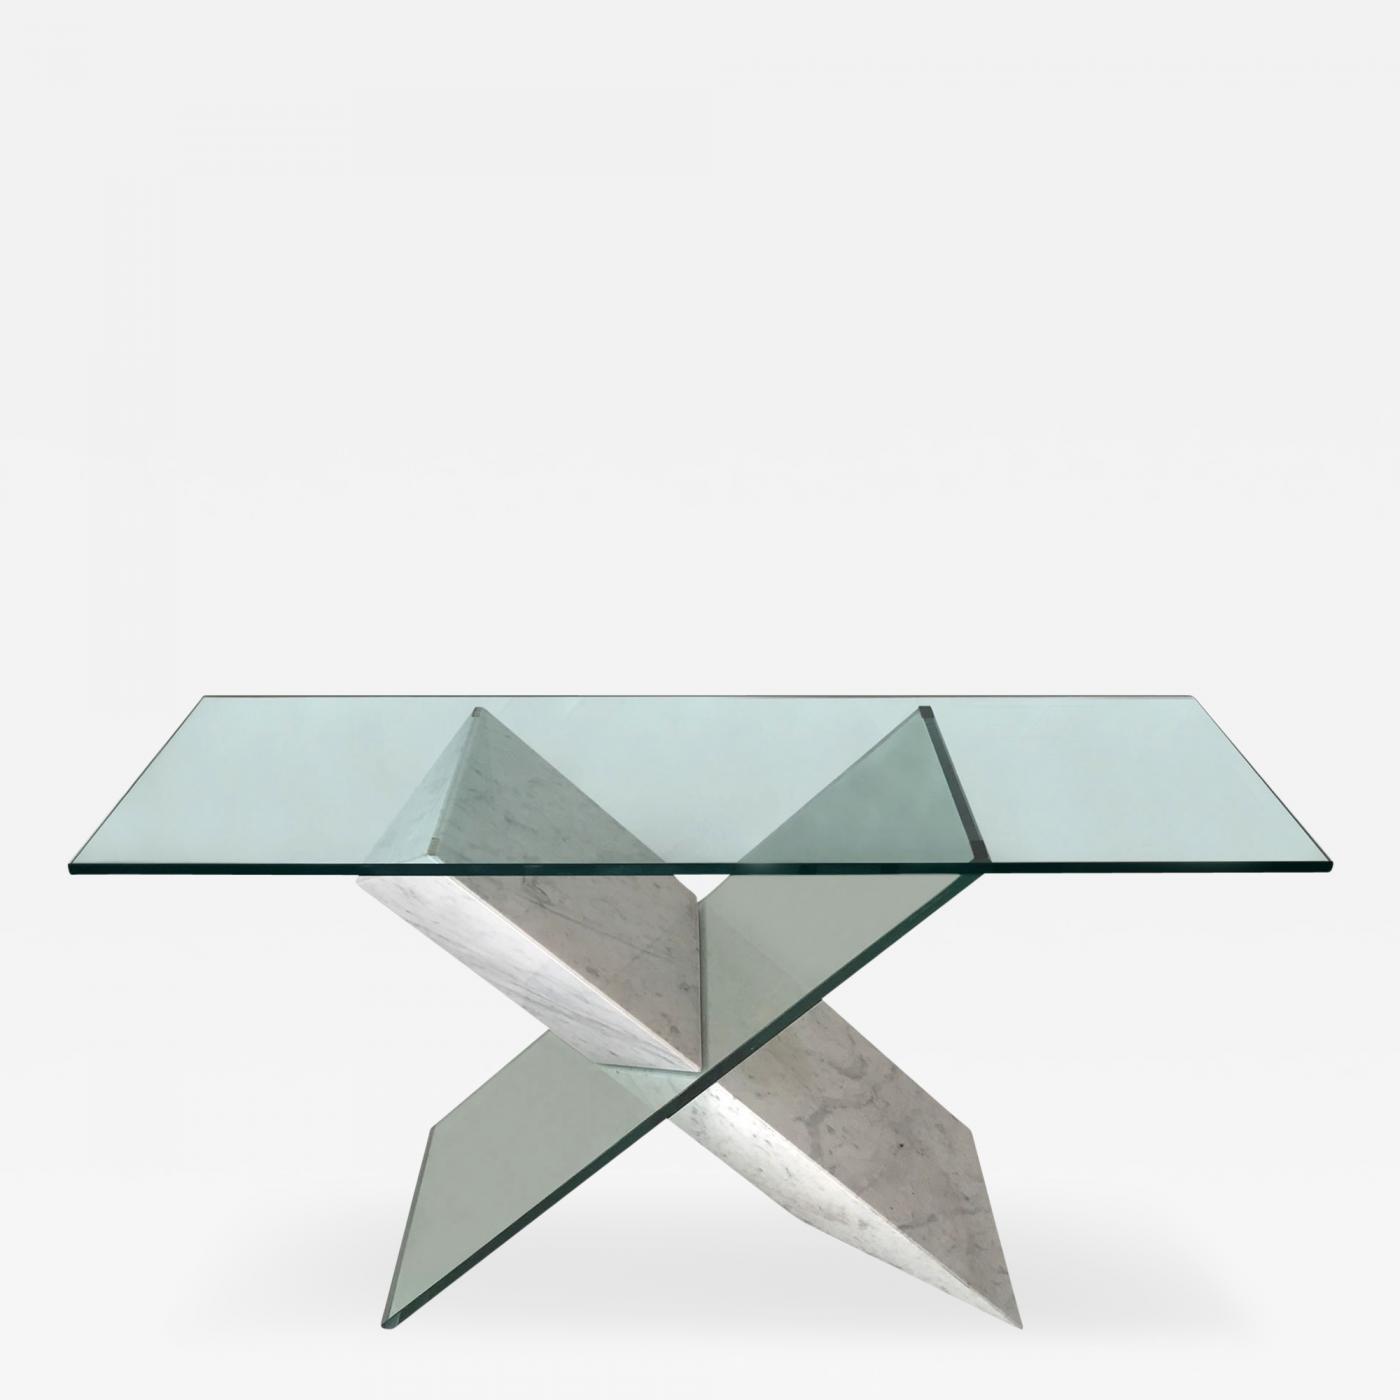 Consolle Roche Bobois Roche Bobois Glass Console Table